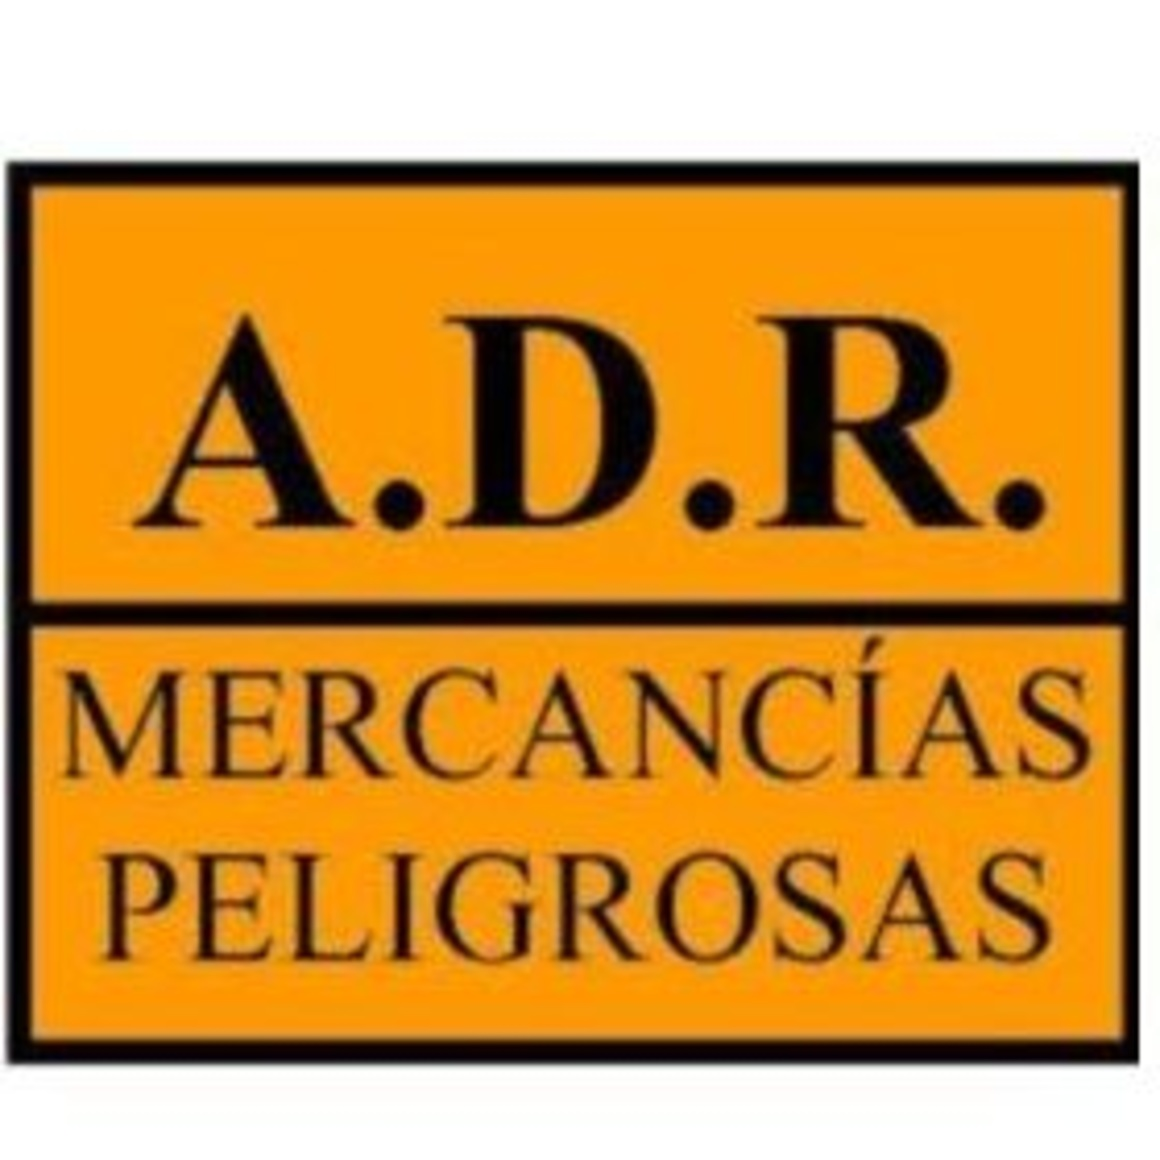 Resultado de imagen de CONDUCTOR DE MERCANCIAS PELIGROSAS